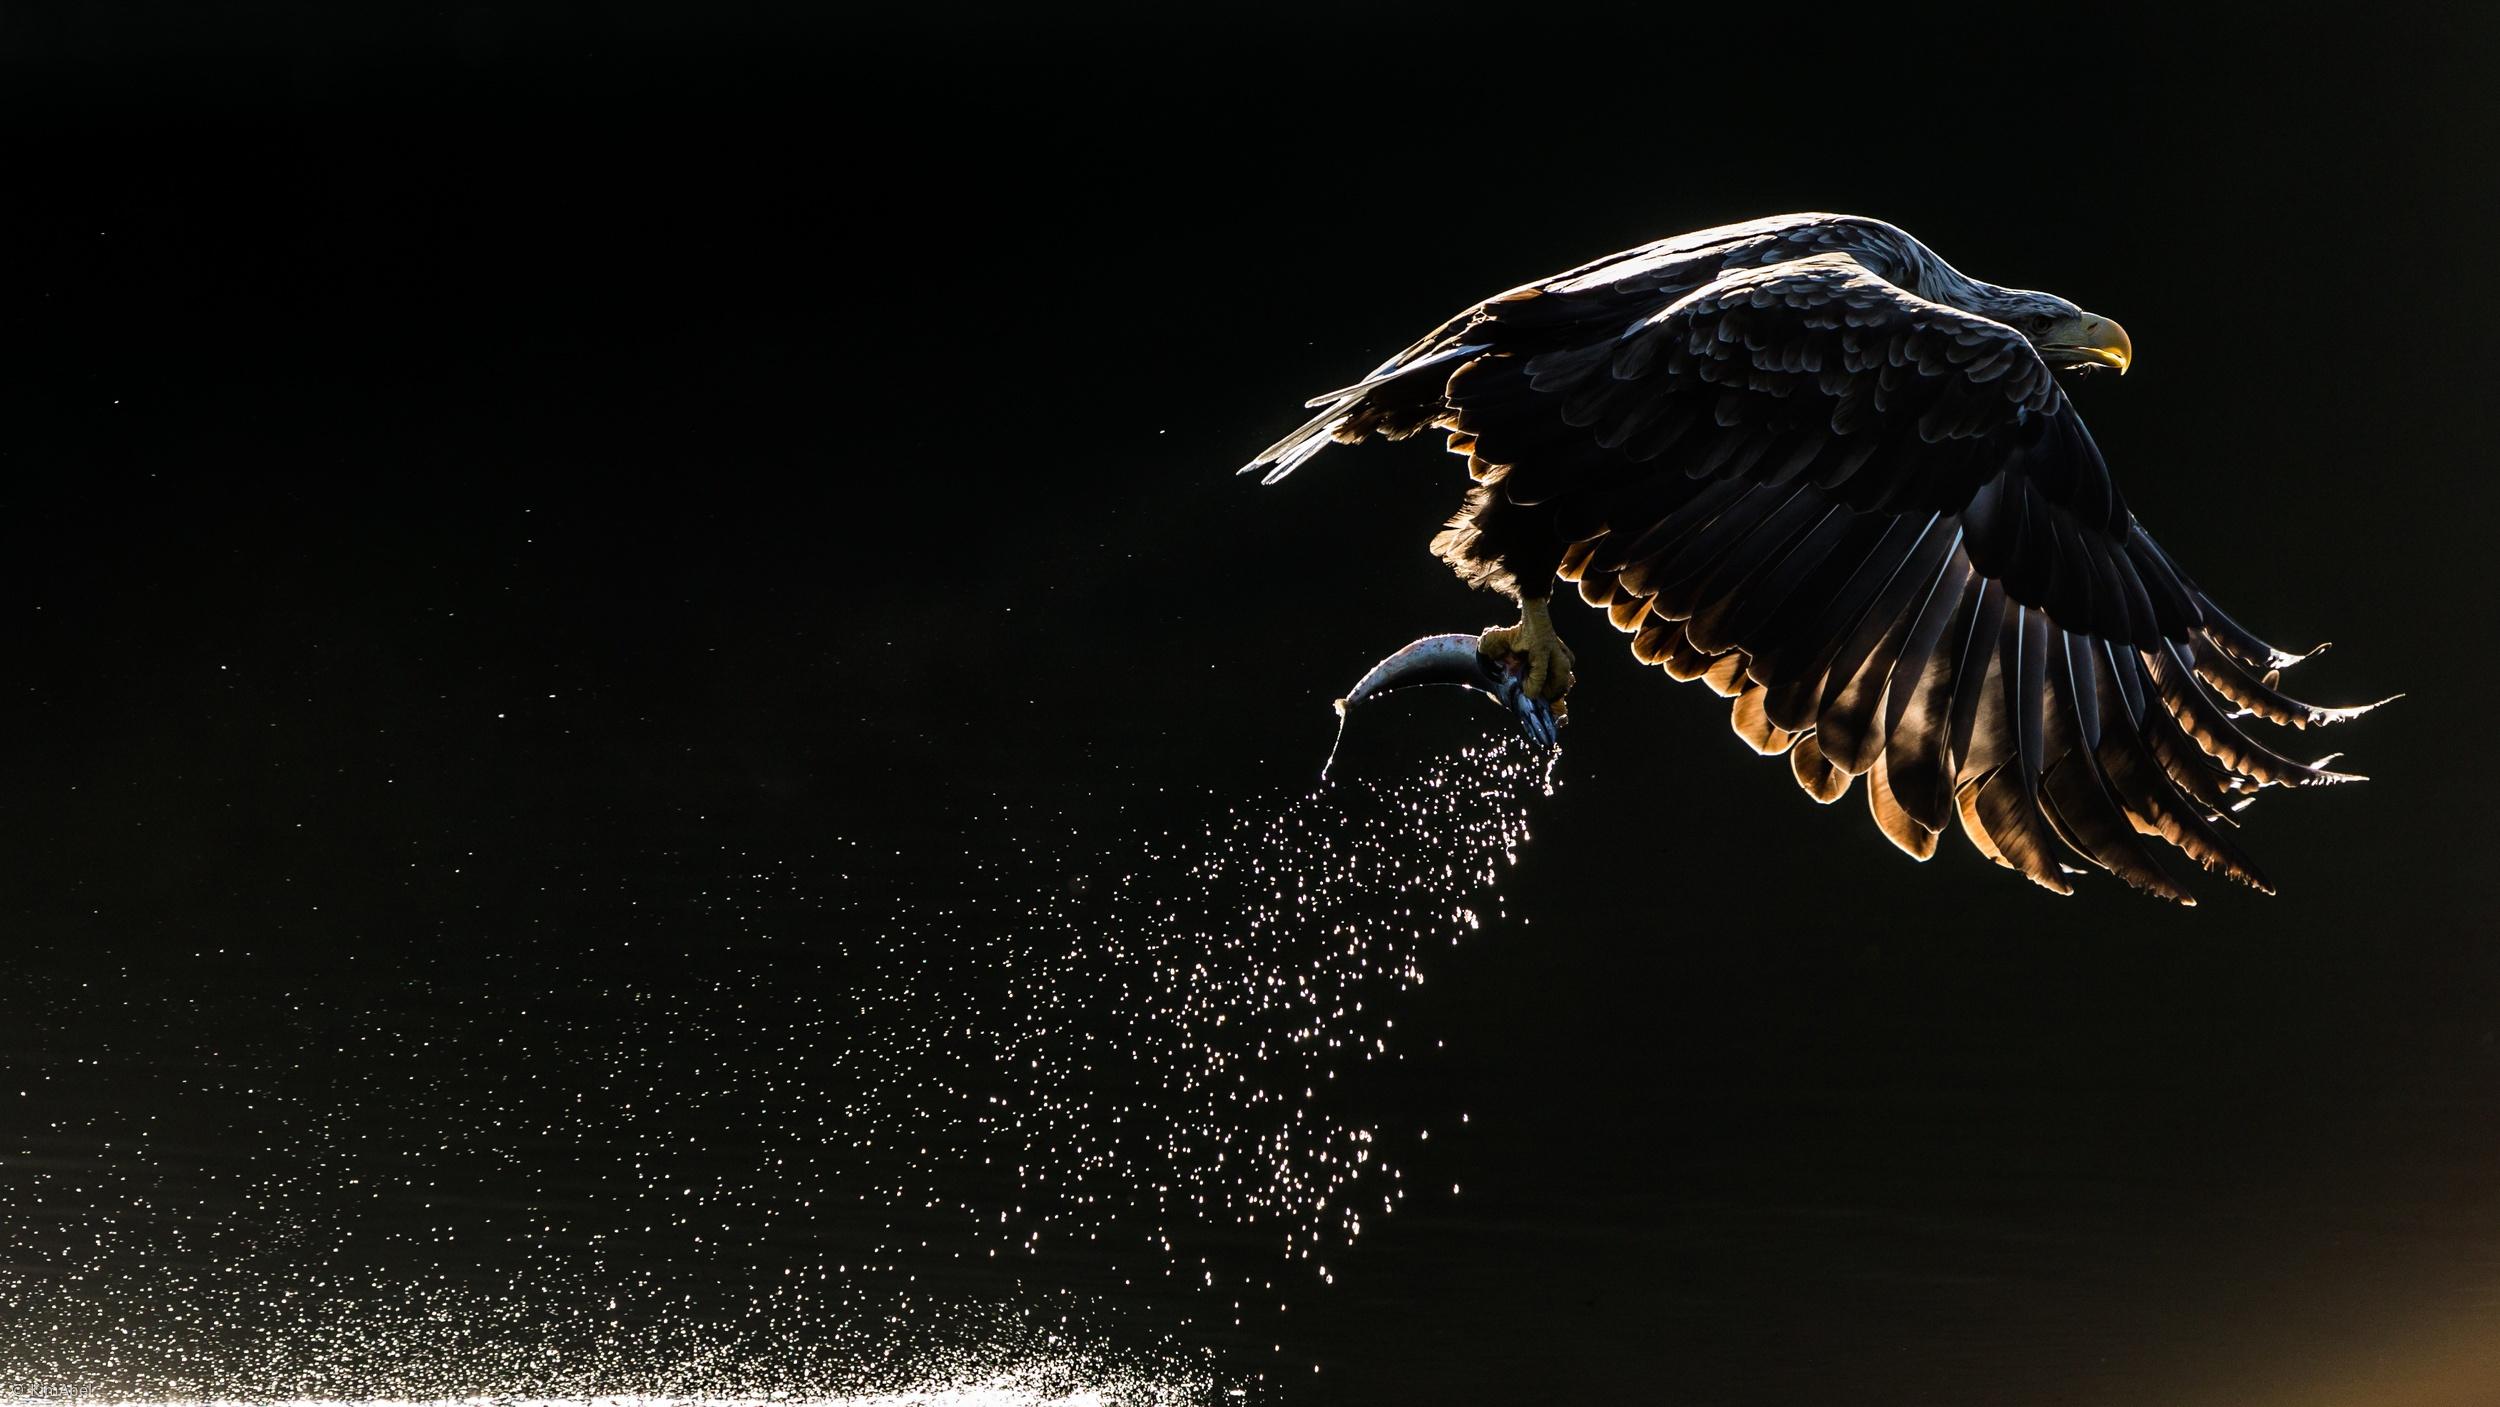 Hình nền chim đại bàng đẹp